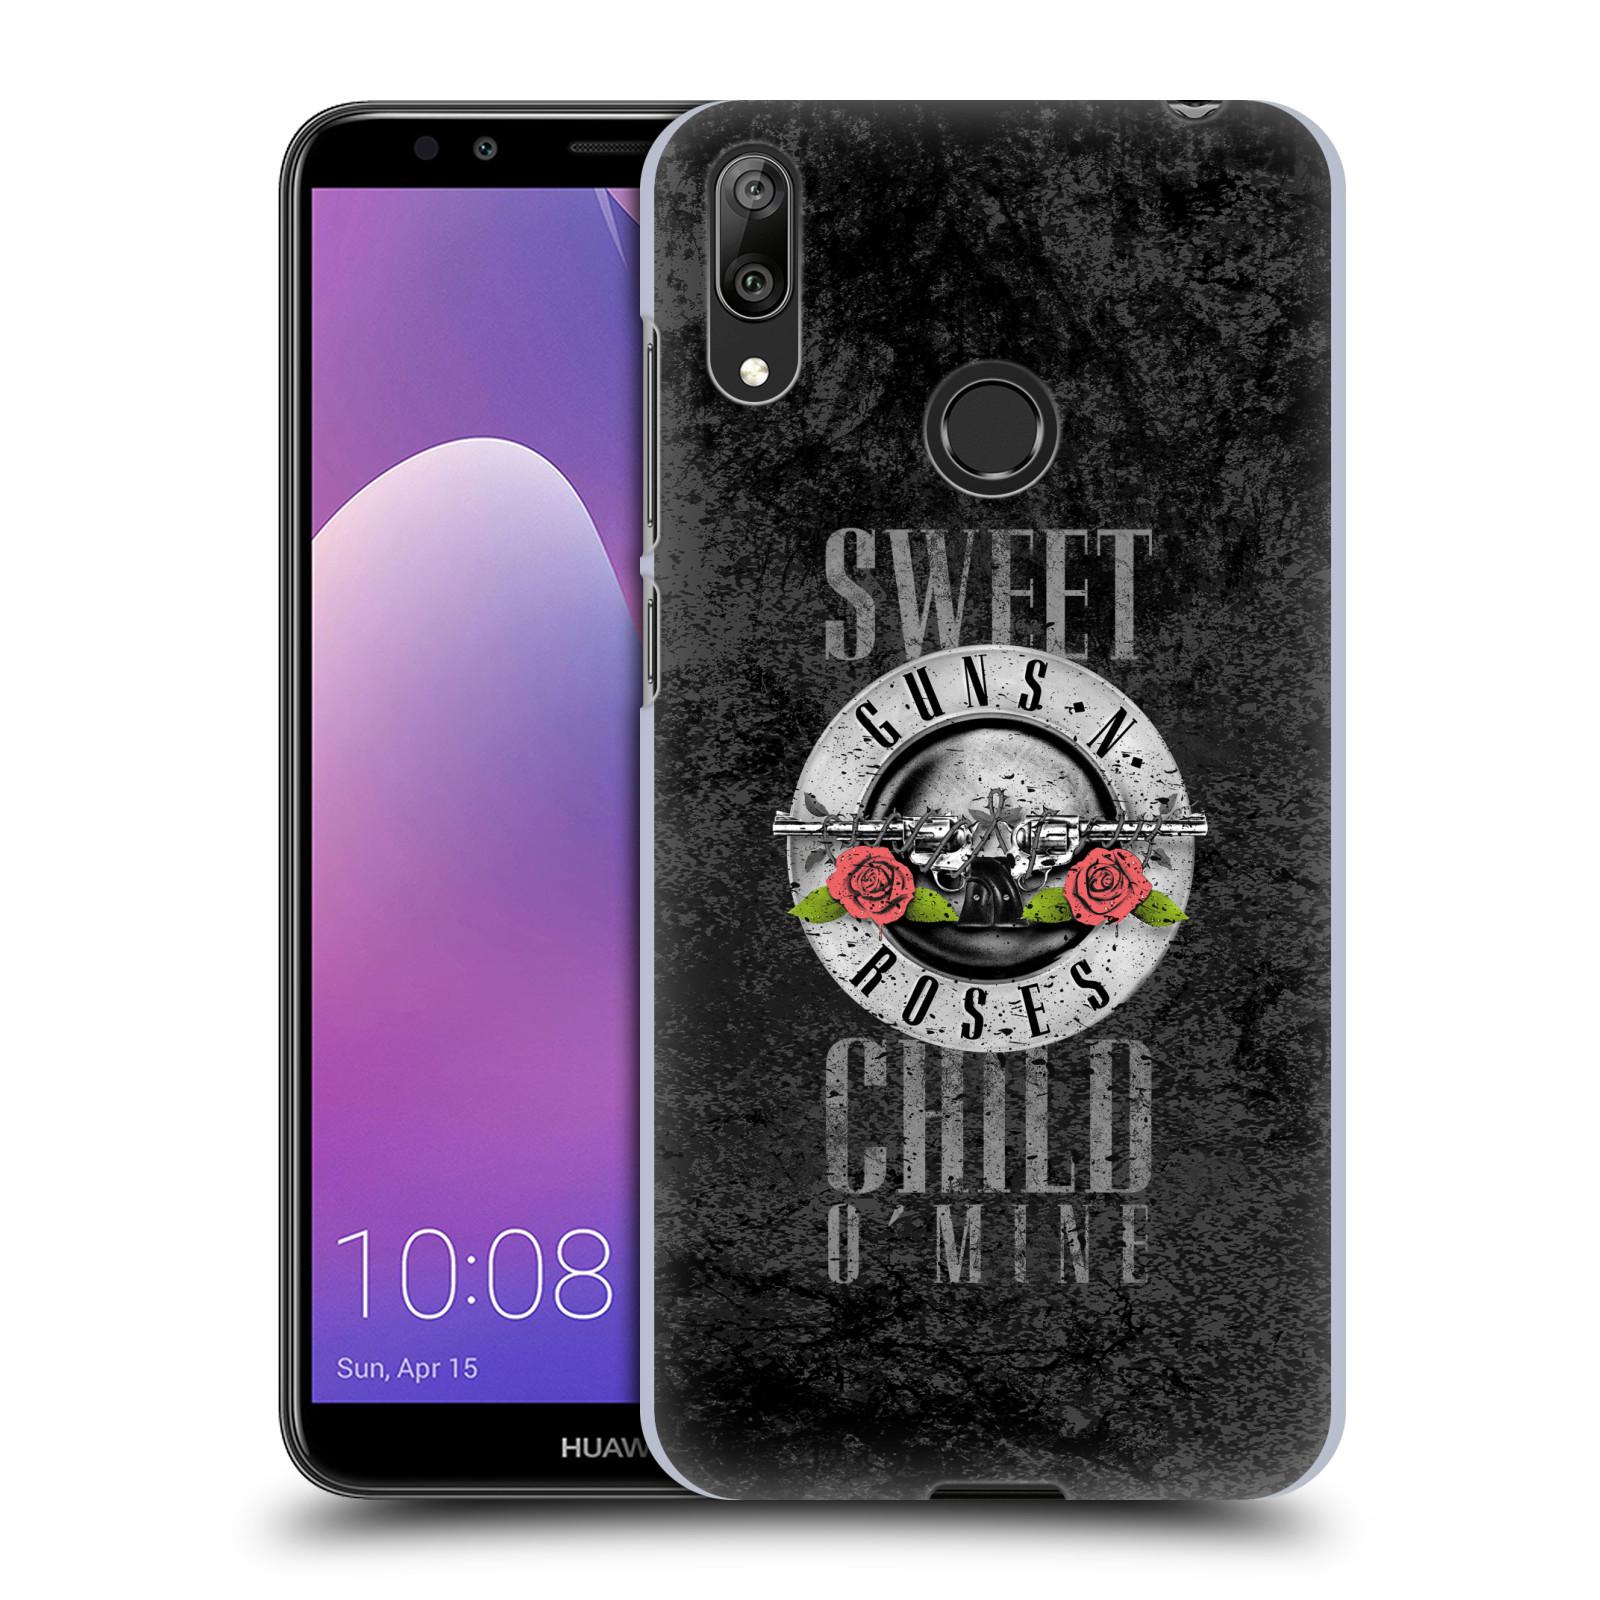 Plastové pouzdro na mobil Huawei Y7 (2019) - Head Case - Guns N' Roses - Sweet Child